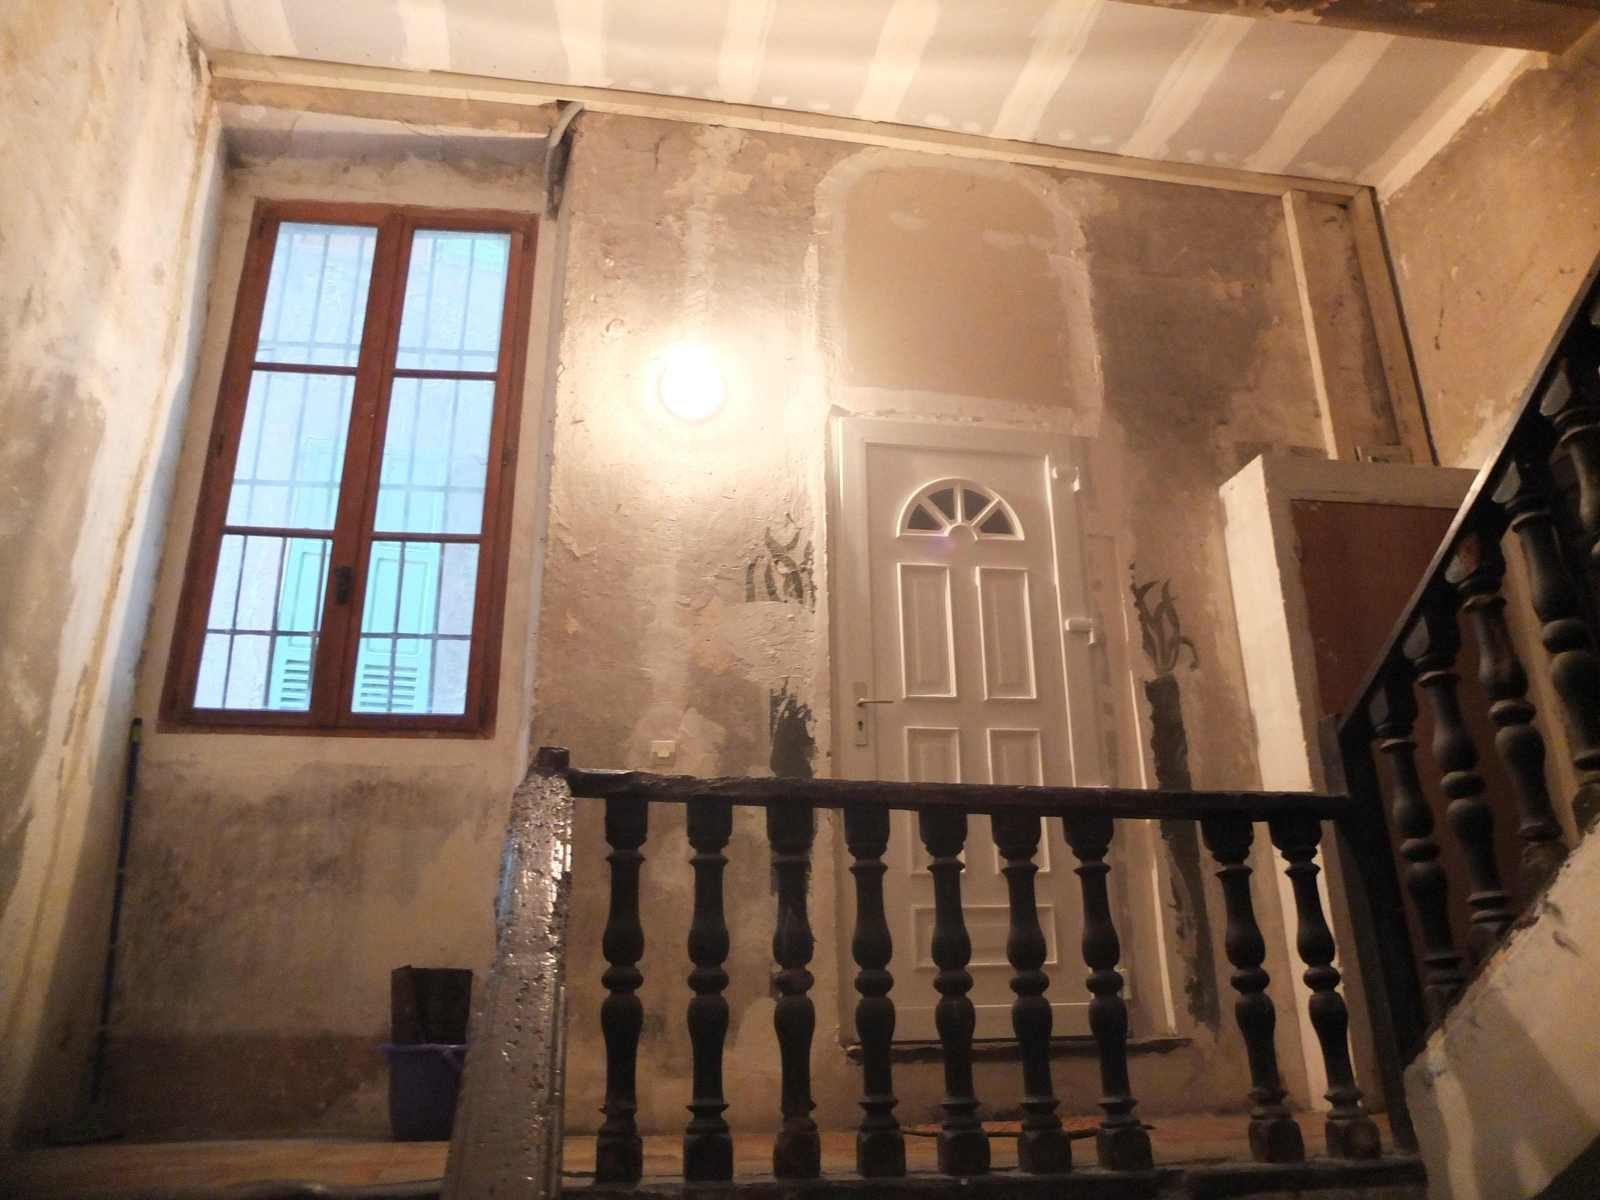 Escalier de la Renaissance du couvent des Templiers(1242-1308)